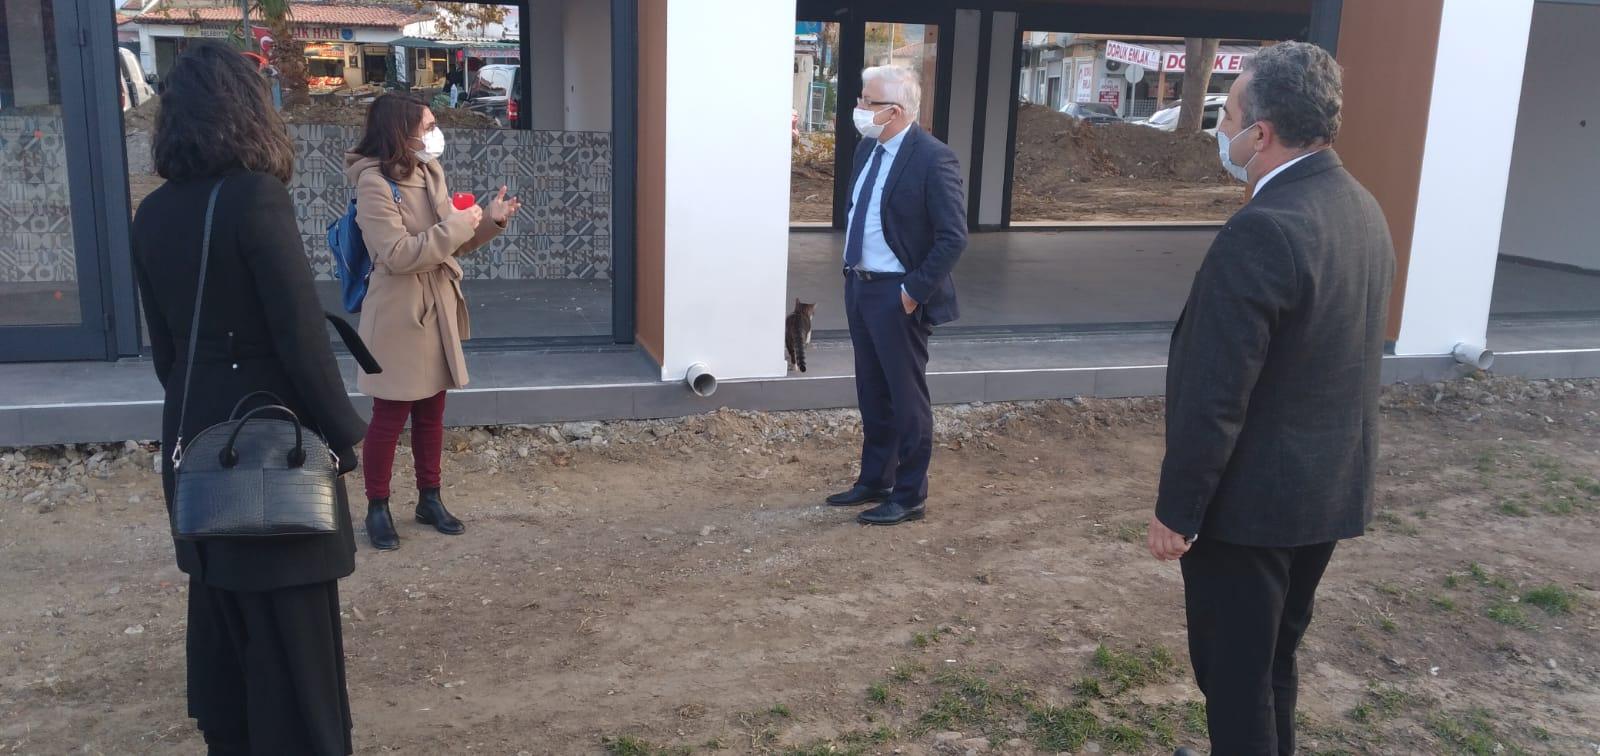 Burhaniye Belediye Başkanı Ali Kemal Deveciler Yeni Hizmet Yatırımlarını Yerinde İnceledi..